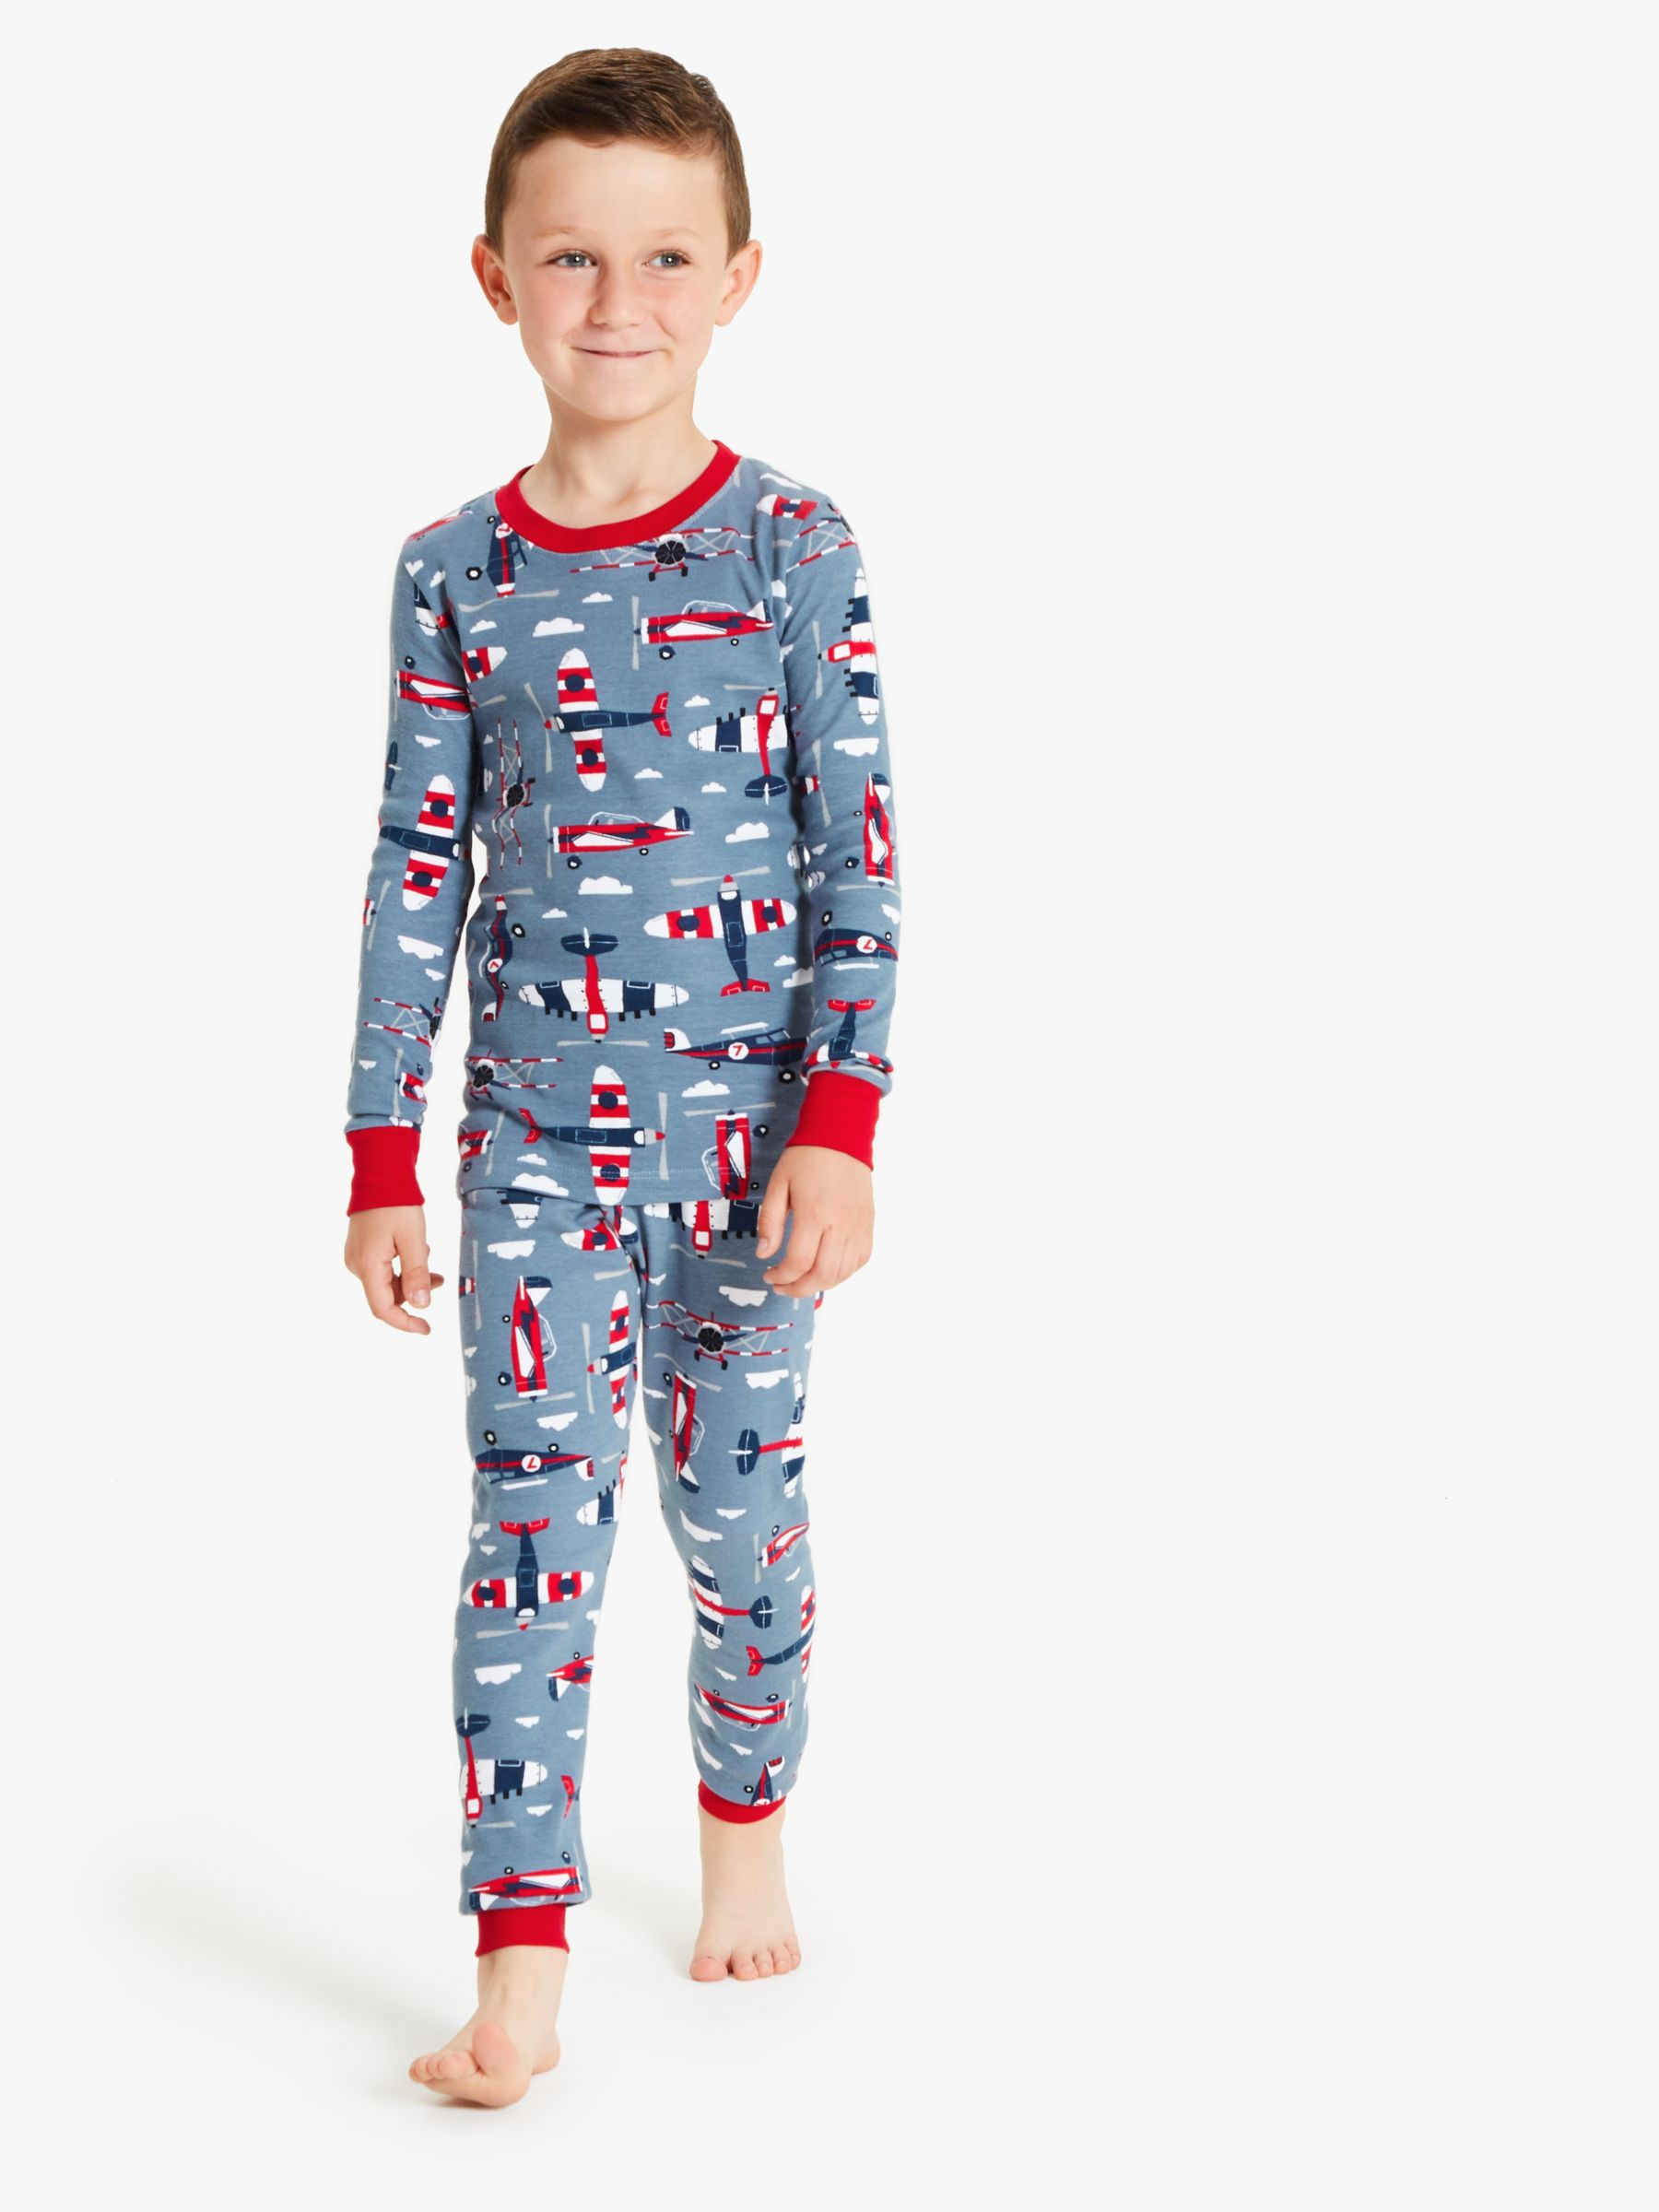 Hatley Hatley Boys' Paper Planes Print Pyjamas, Blue